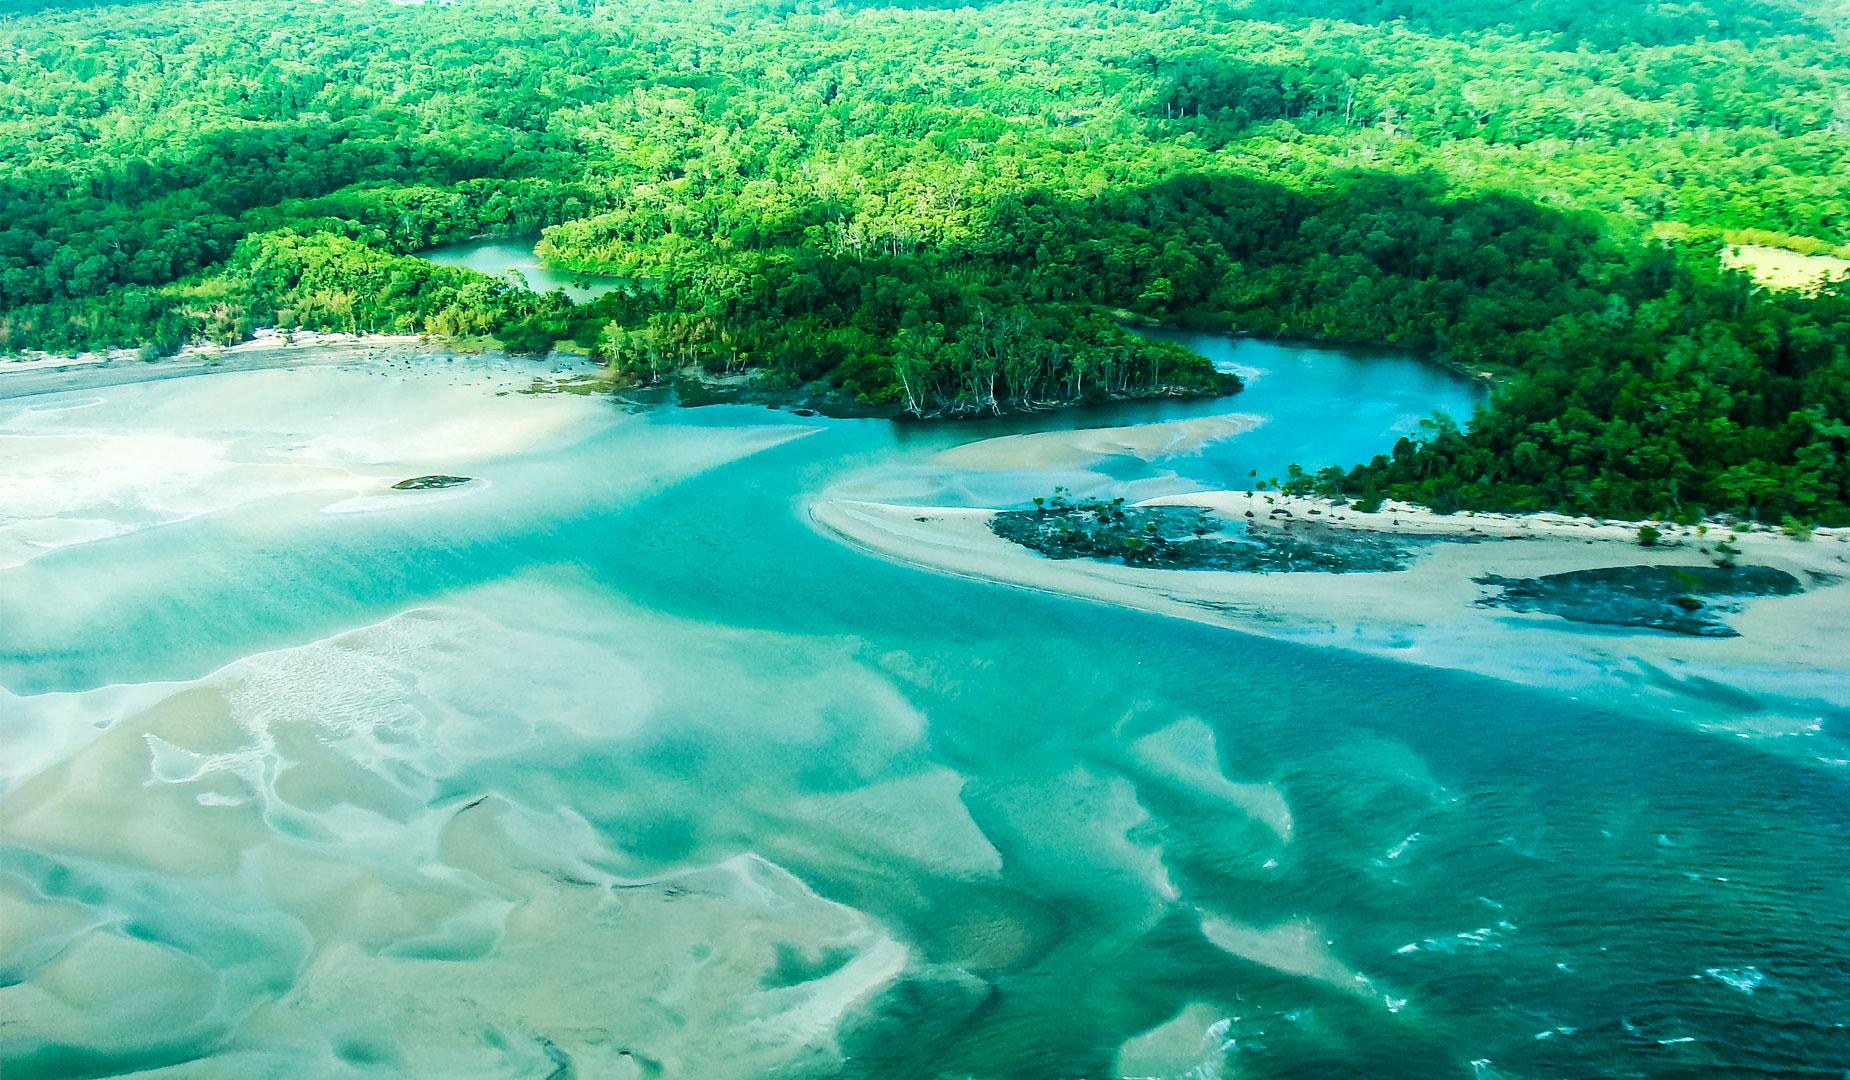 m3d caminhadacosteira - As 13 ilhas no Brasil que você tem que conhecer